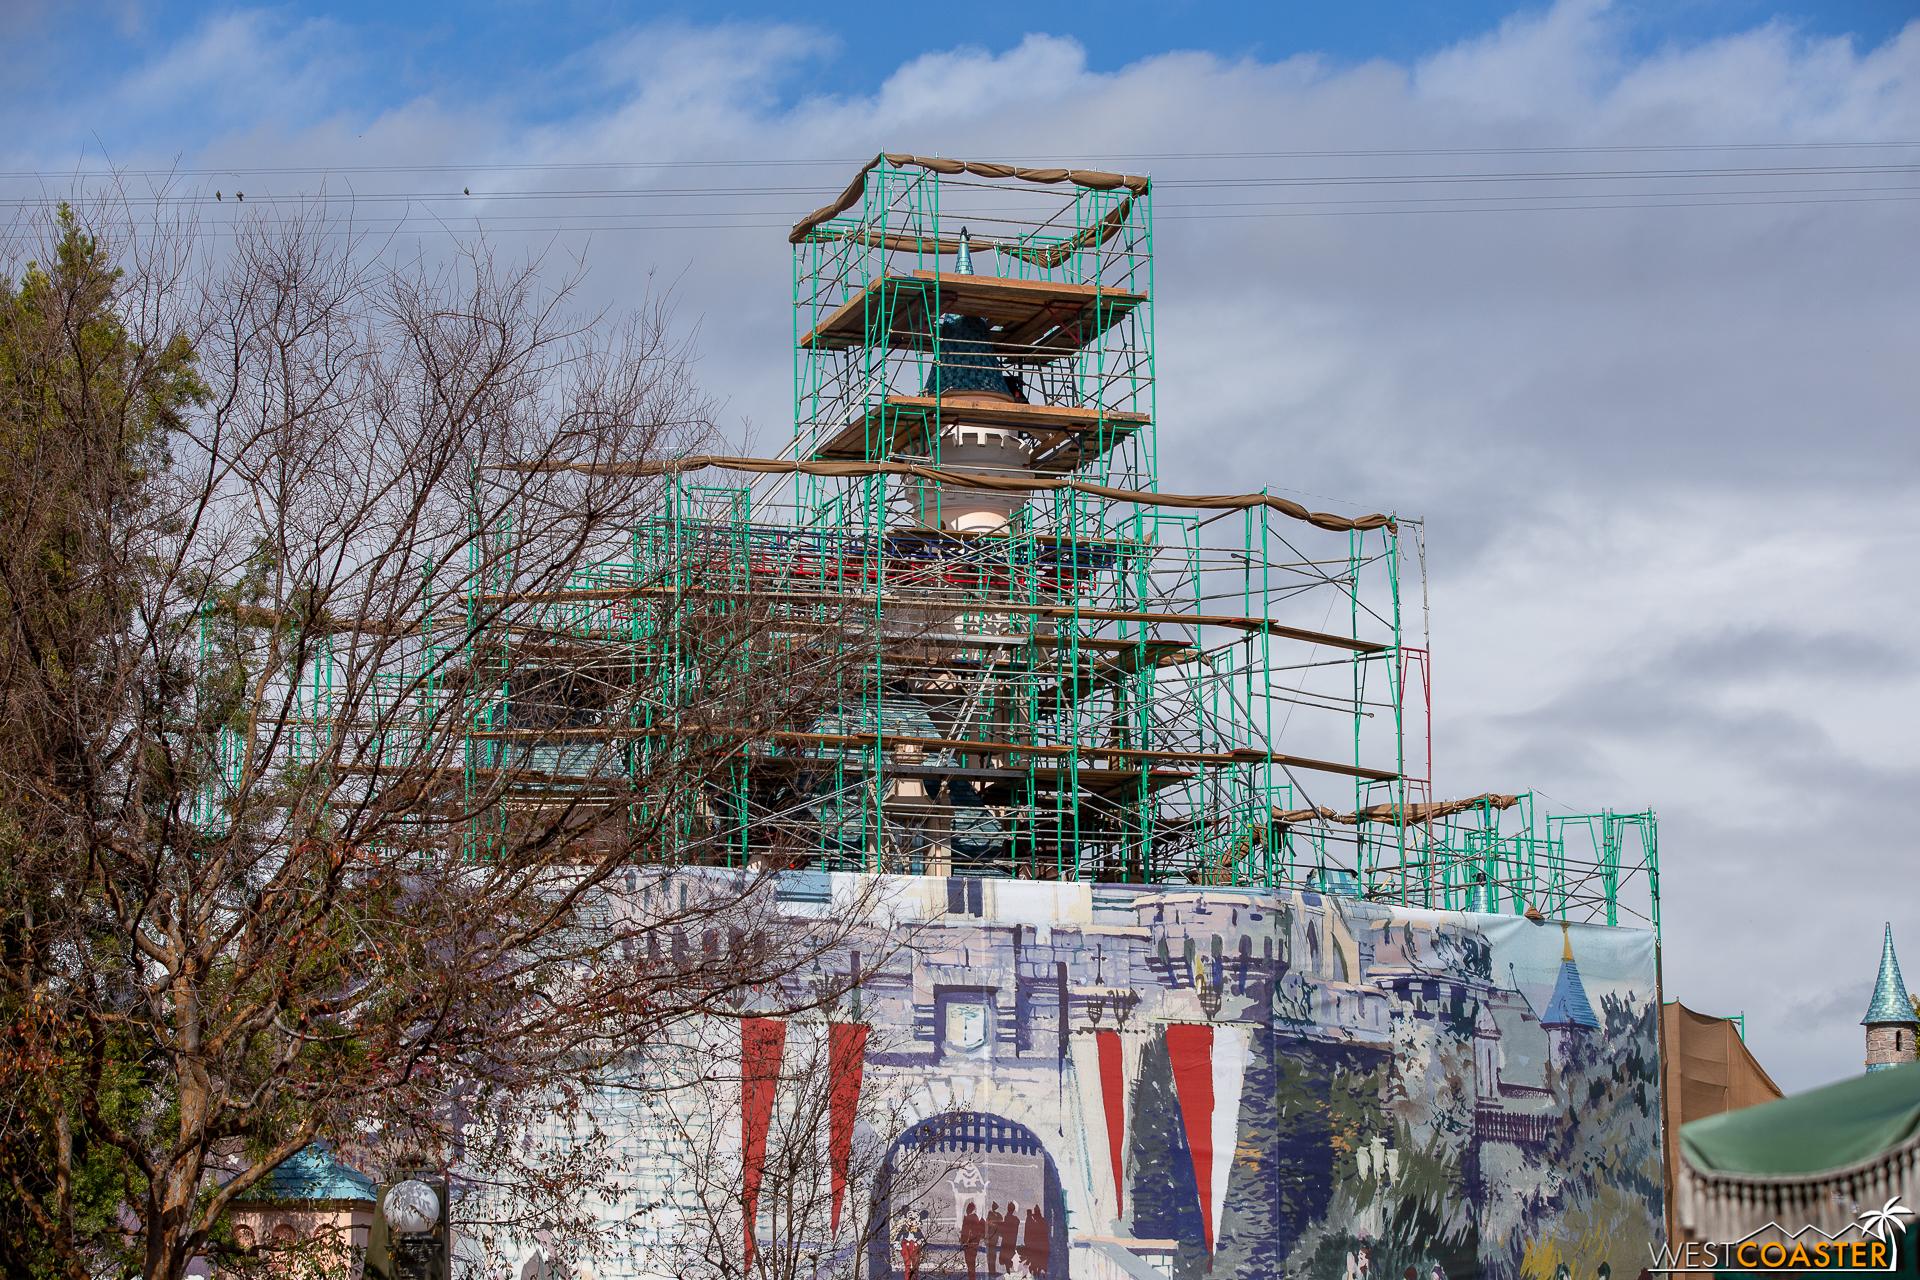 Westcoaster Disneyland Update 2-19-13.jpg